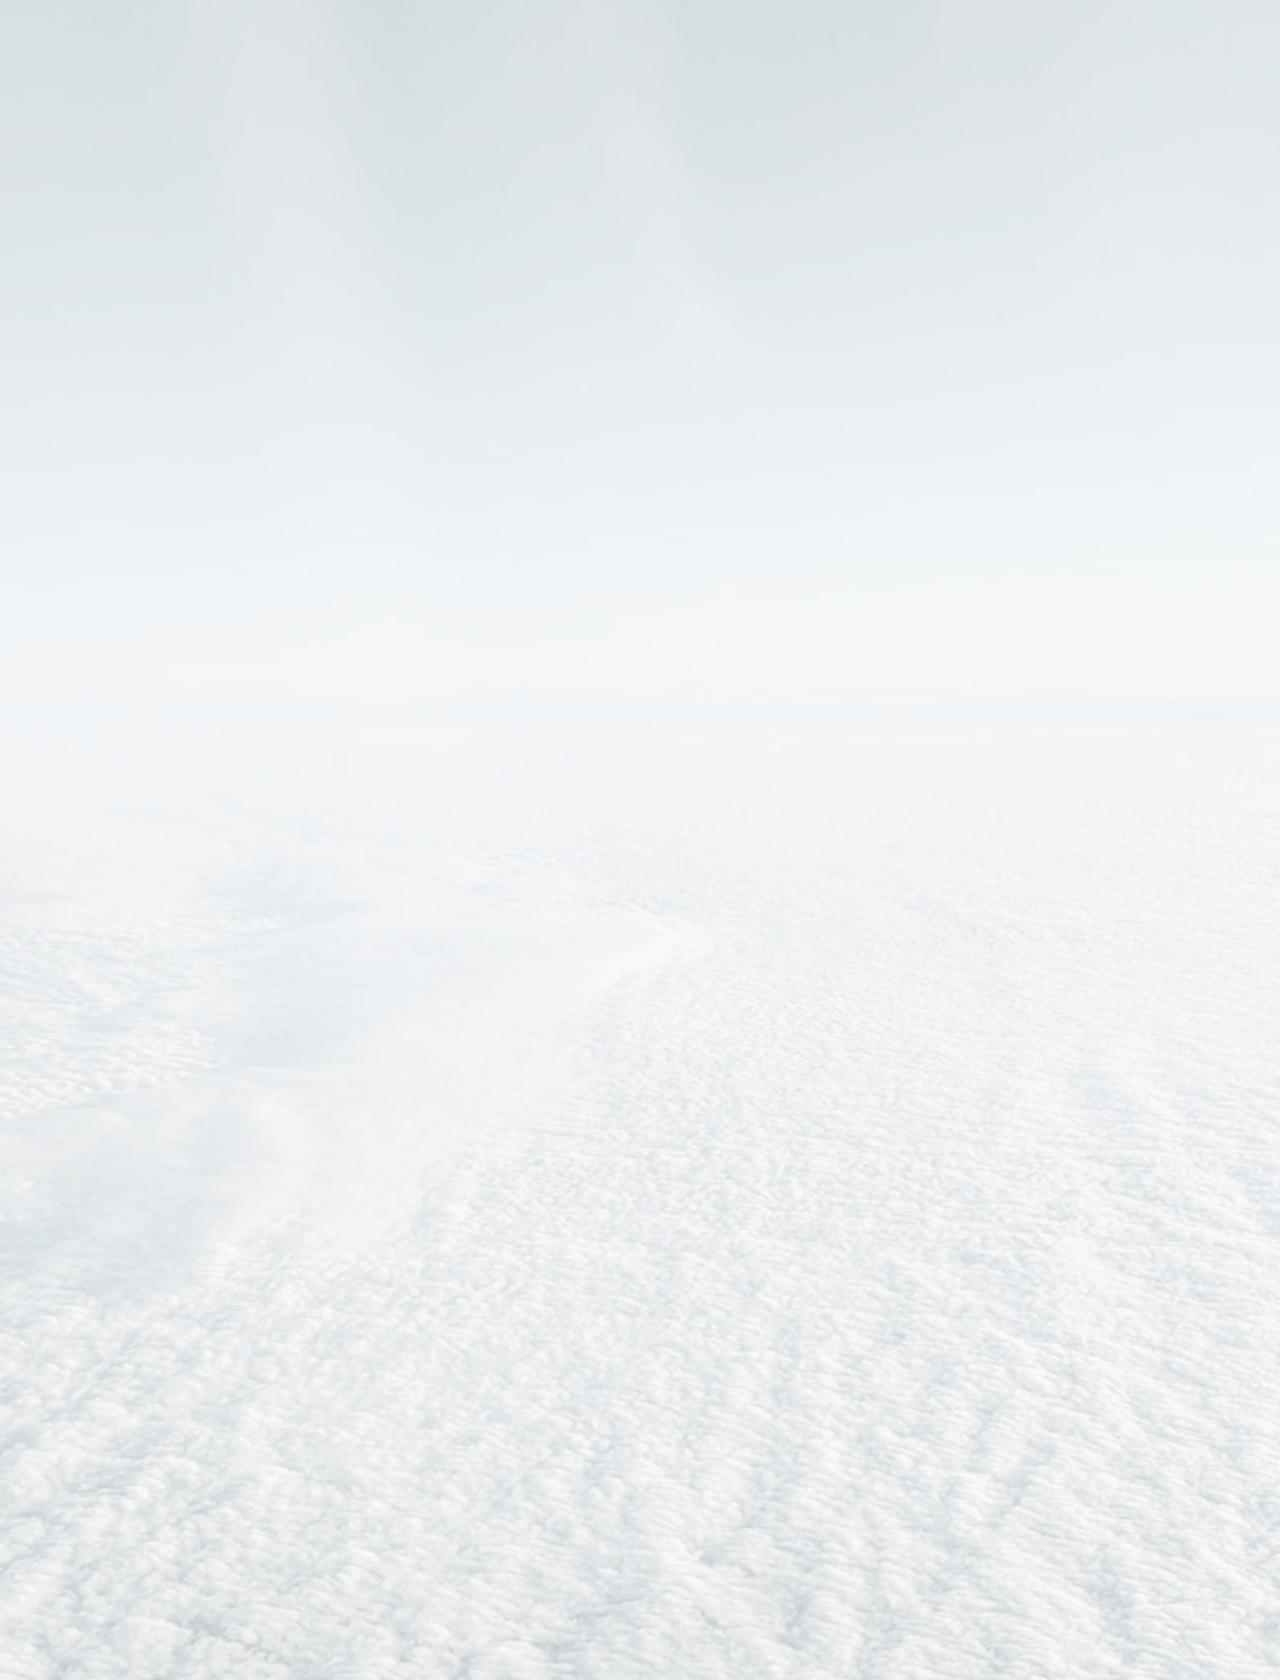 Screenshot Desktop - https://mrko.link/